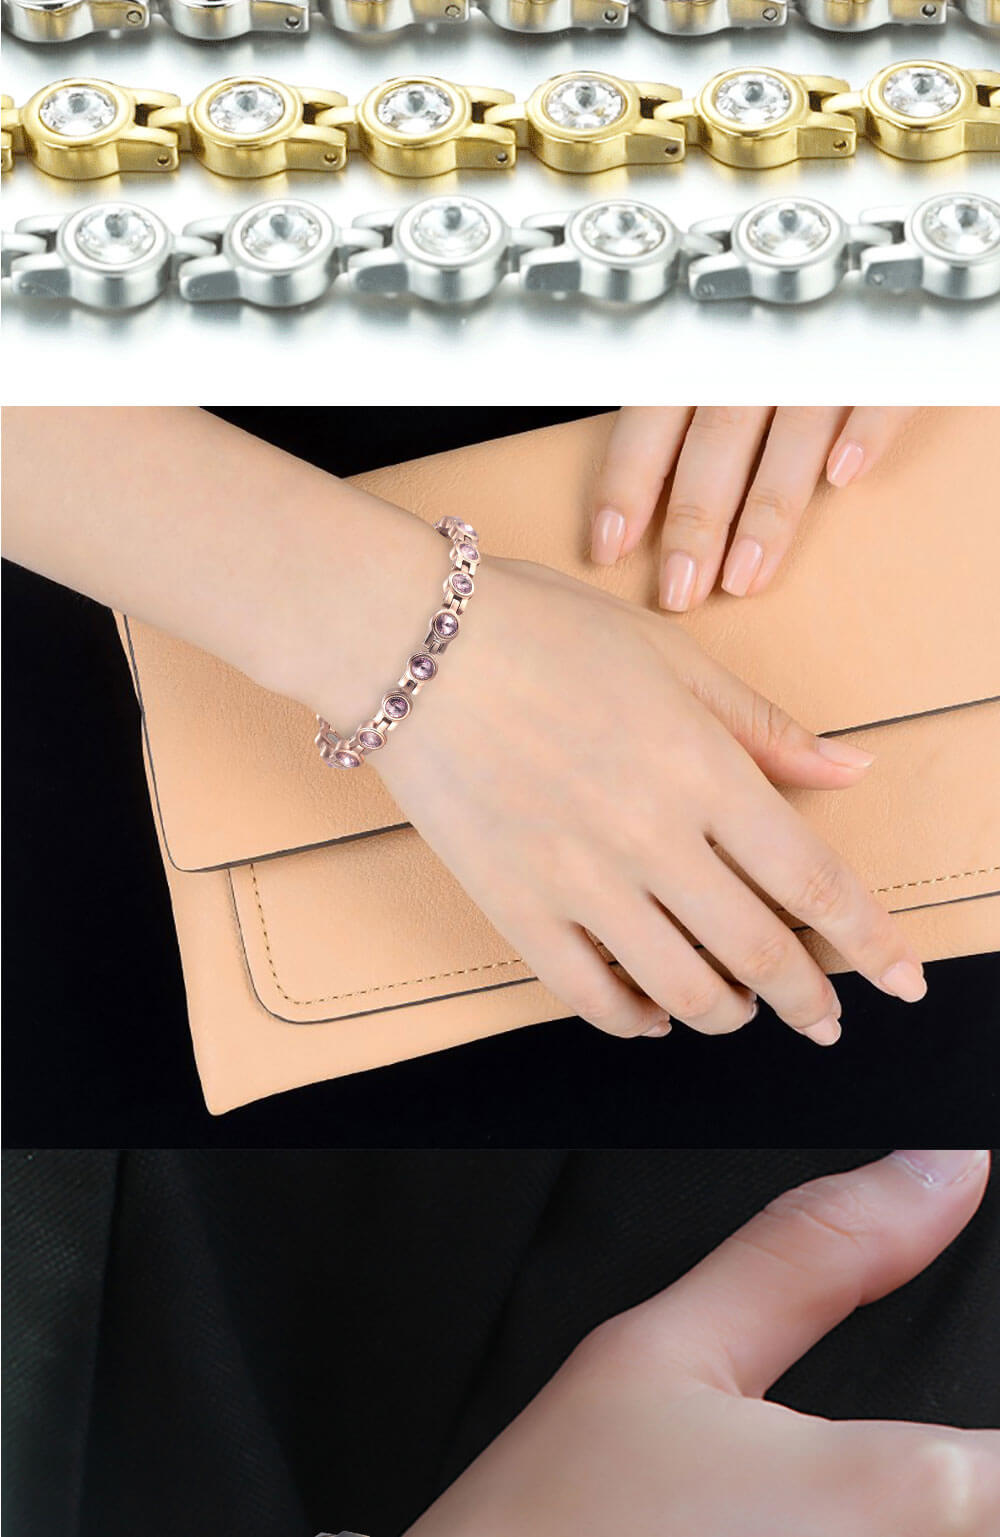 Moocare women magnetic bracelet health stainless steel charm zircon rose gold bracelet women hand wrist chain jewelry